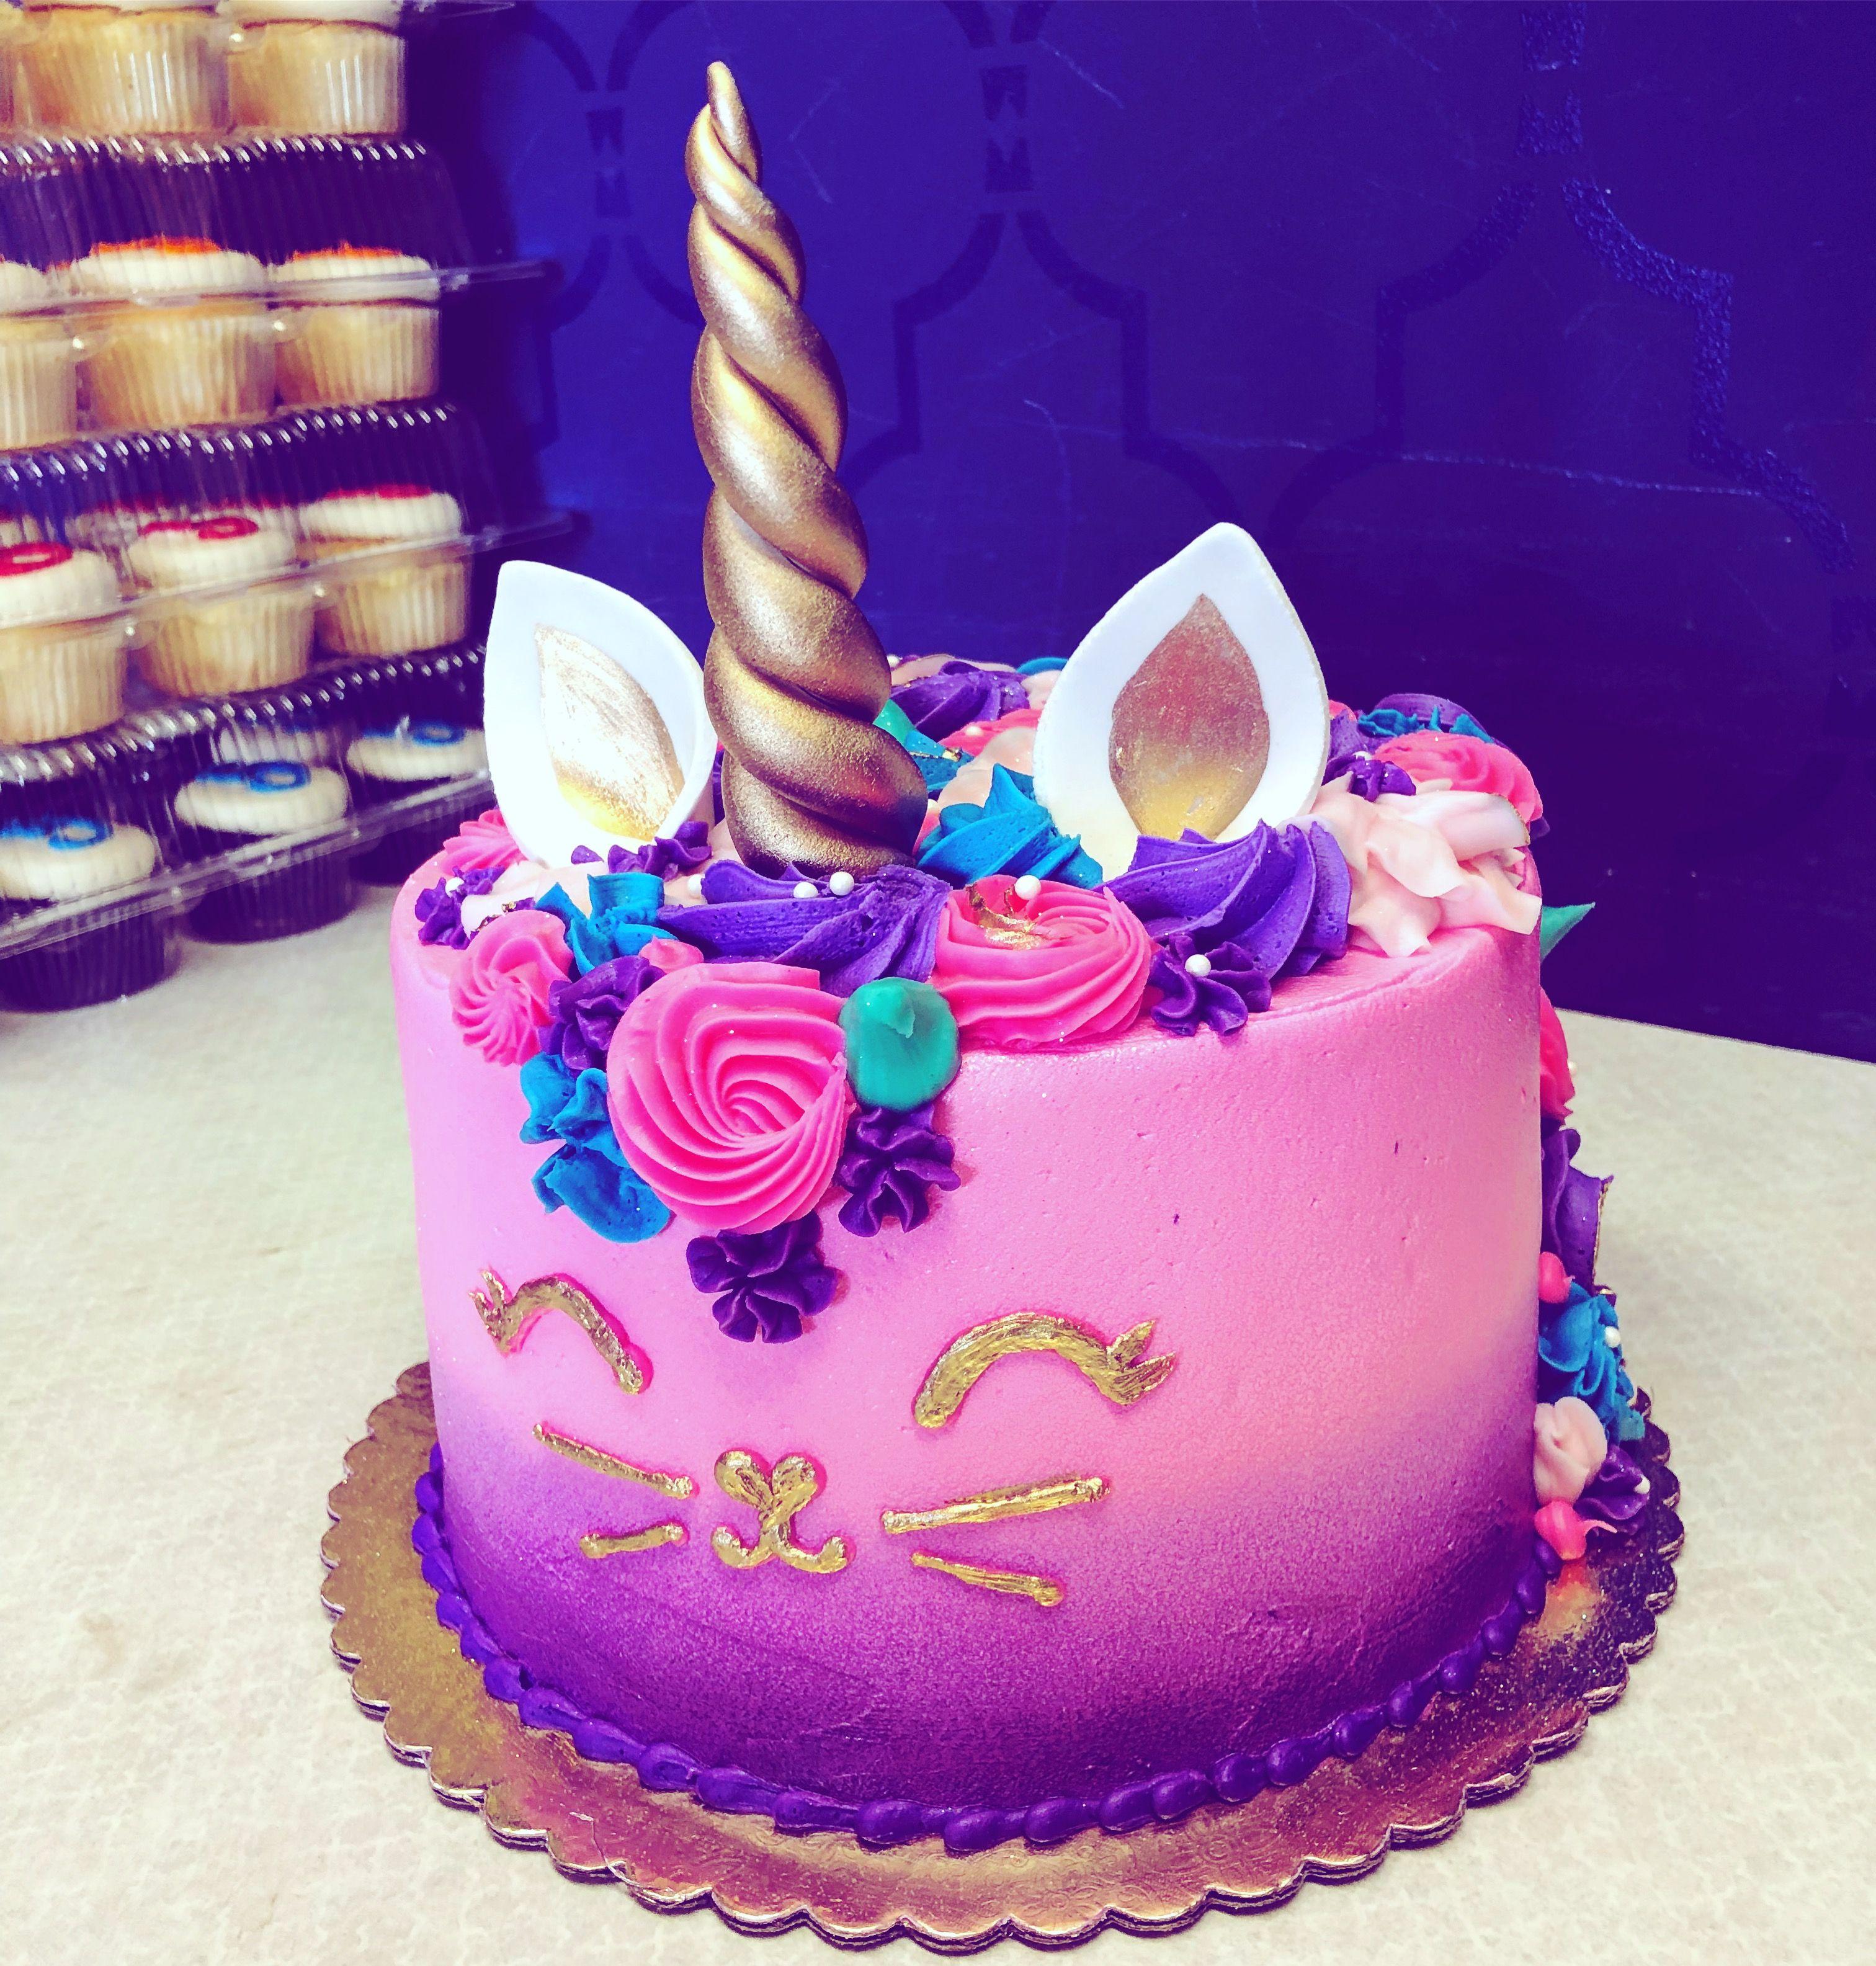 Unikitty cake Birthday cake for cat, Cake, Cat cake